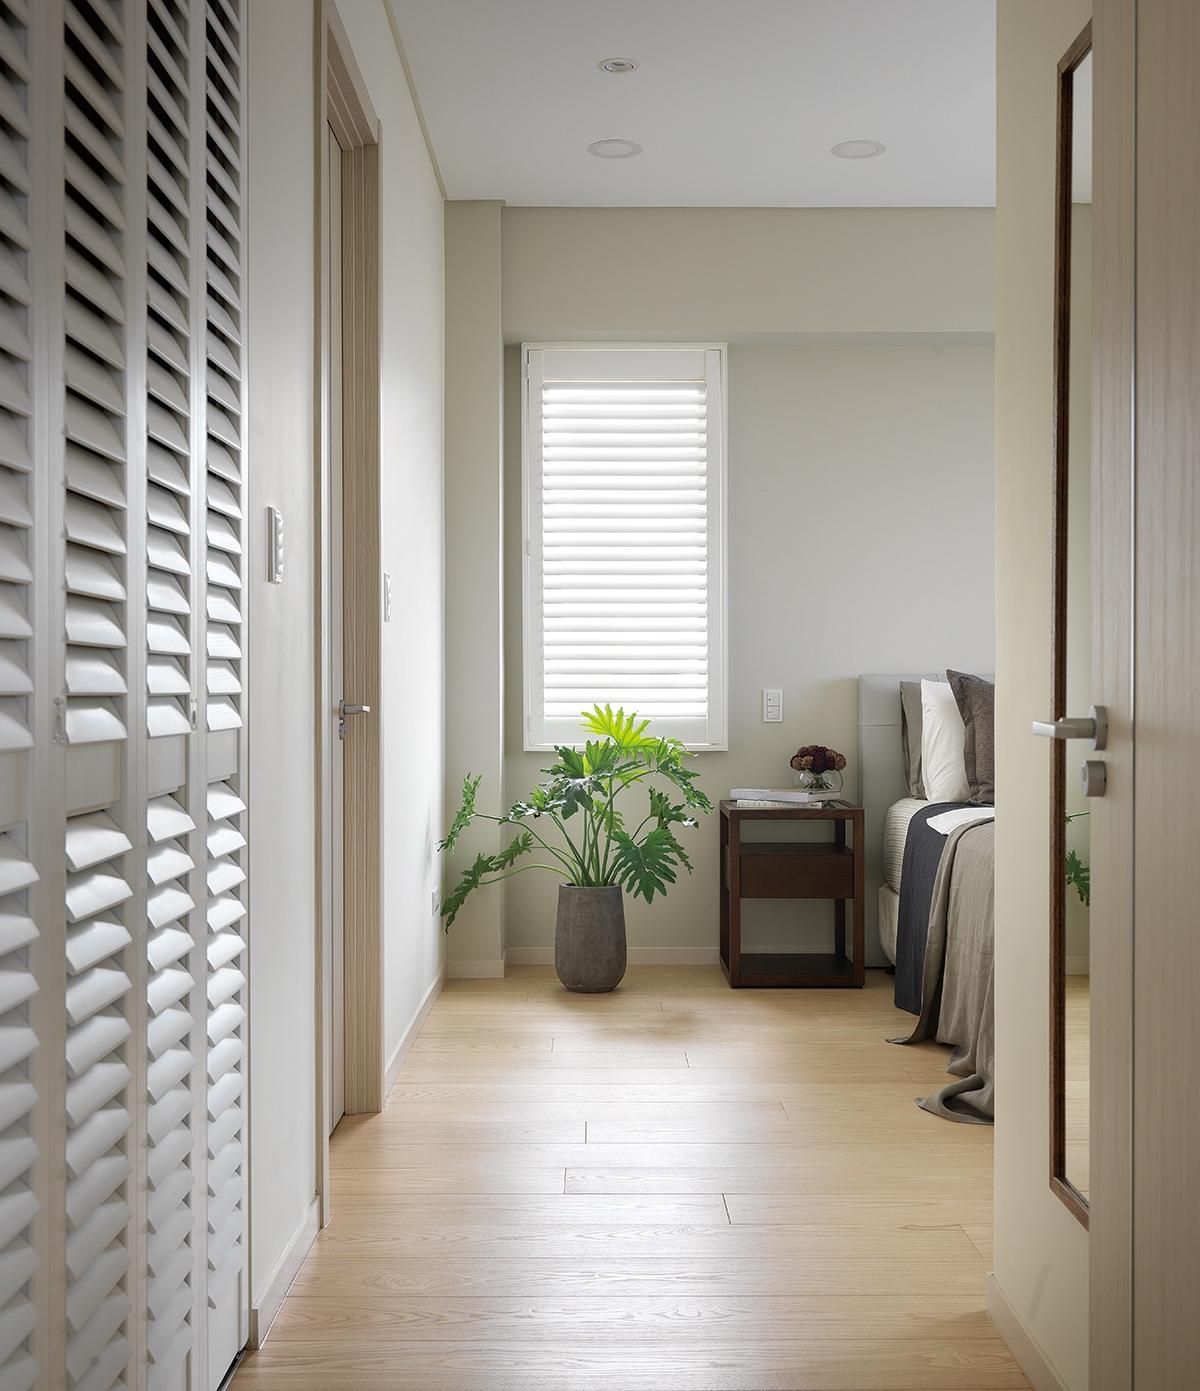 Muốn có được giấc ngủ sâu và thoải mái, chị chủ nhà cũng không quên chọn sàn gỗ ốp phòng ngủ, cửa xếp, để tăng cường thông gió tự nhiên